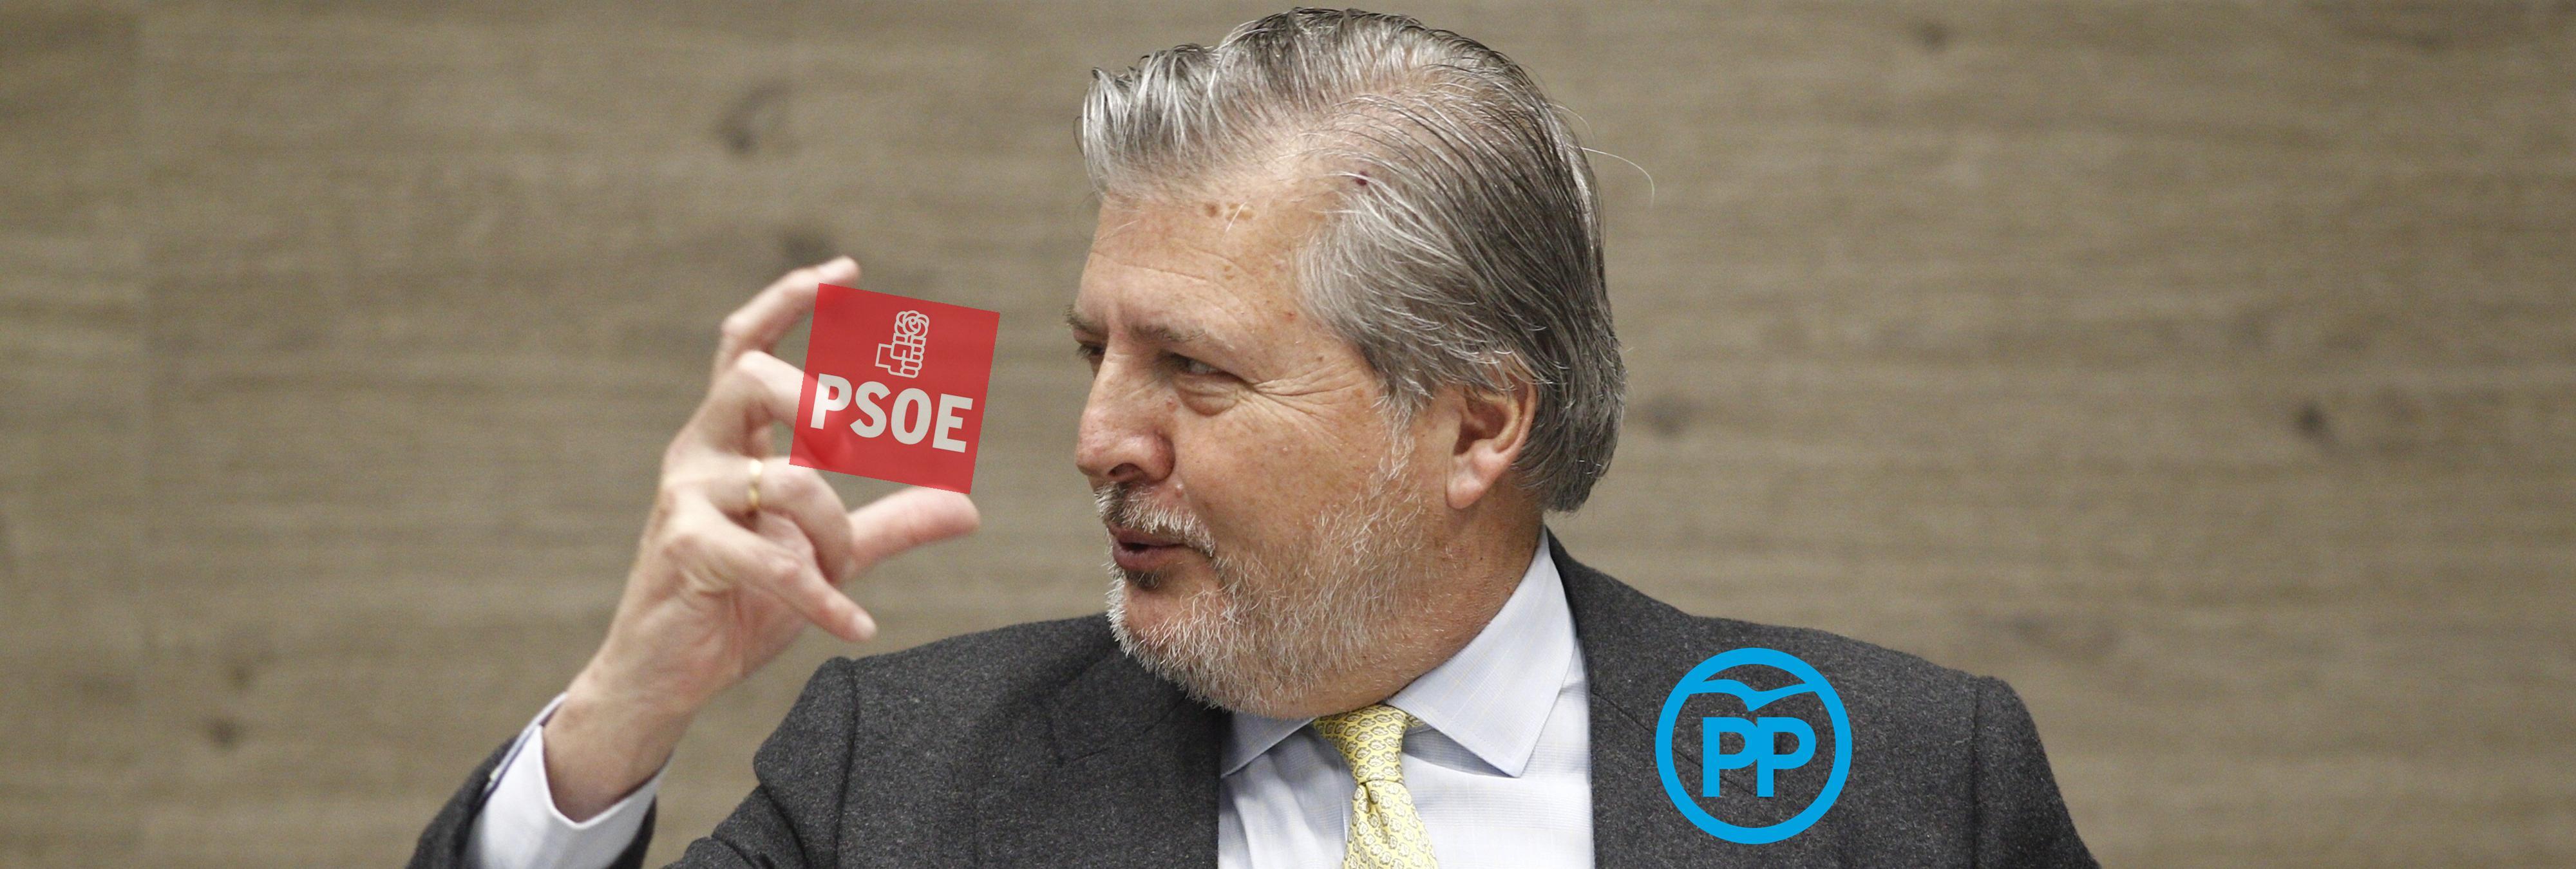 PP y PSOE, enfrentados por la LOMCE y su reválida